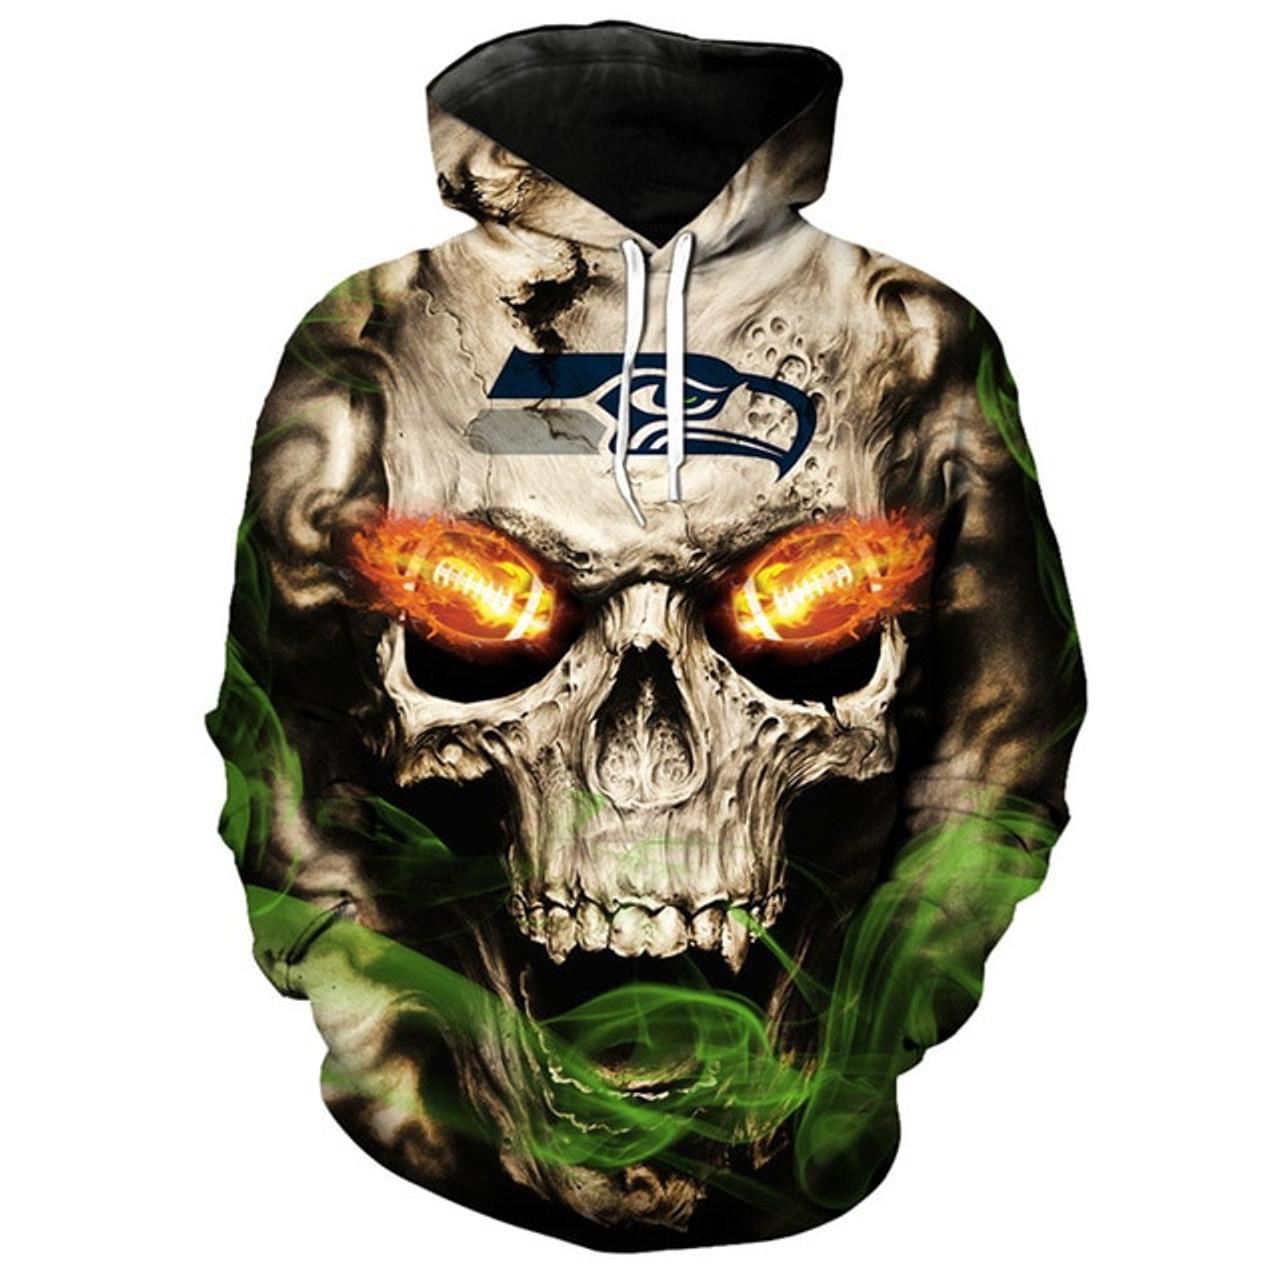 nfl seahawks sweatshirt